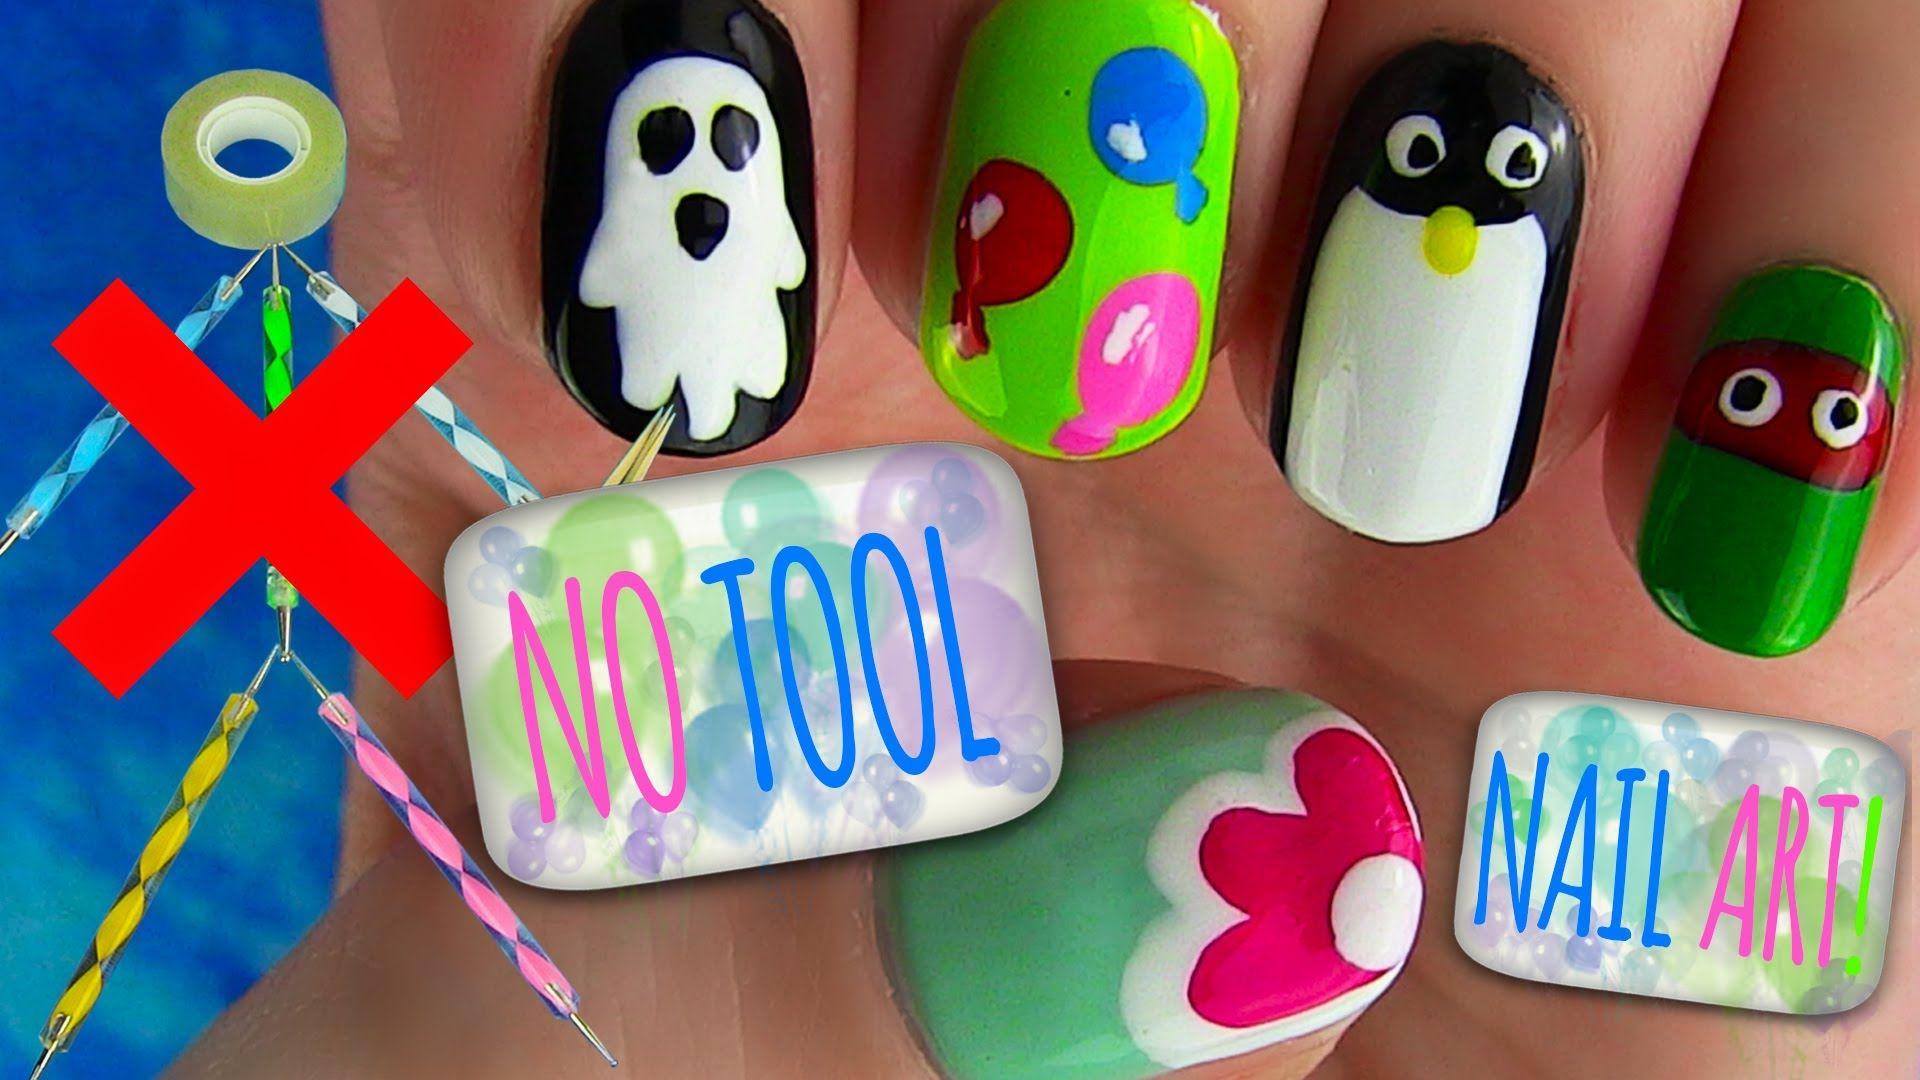 No Tools Nail Art Tutorial I Show 5 Easy But Cute Nail Art Designs Using Only A Nail Polish Brush Simple Nail Art Designs Nail Art Designs Diy Nail Art Diy